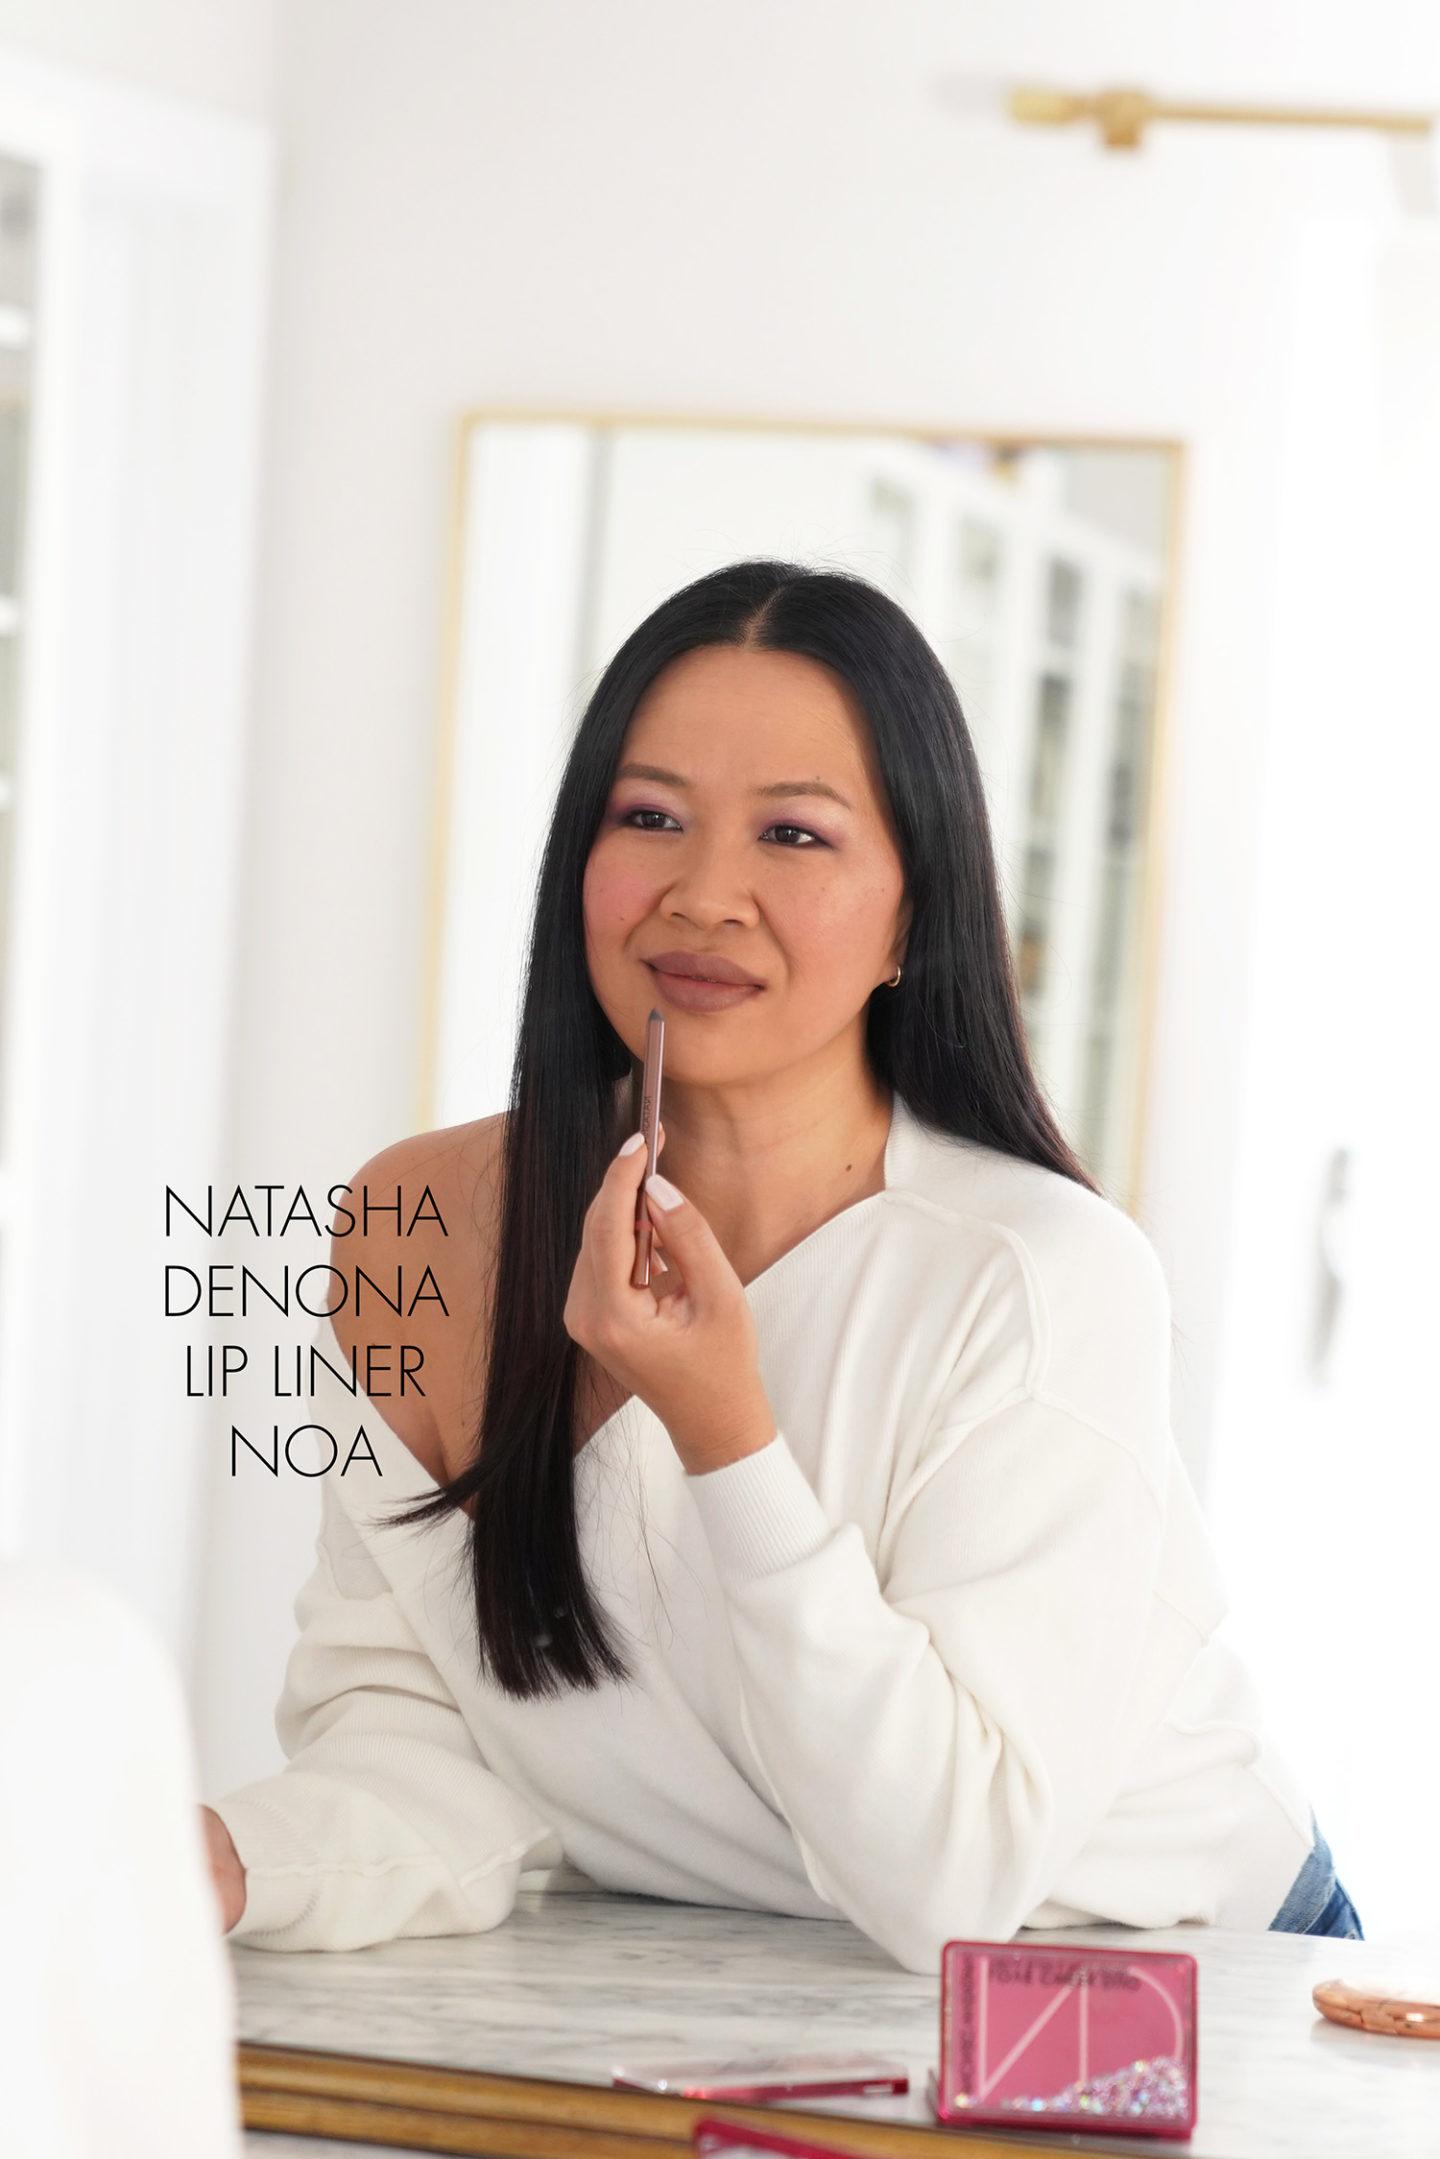 Natasha Denona I Need a Nude Lip Pencil in Noa